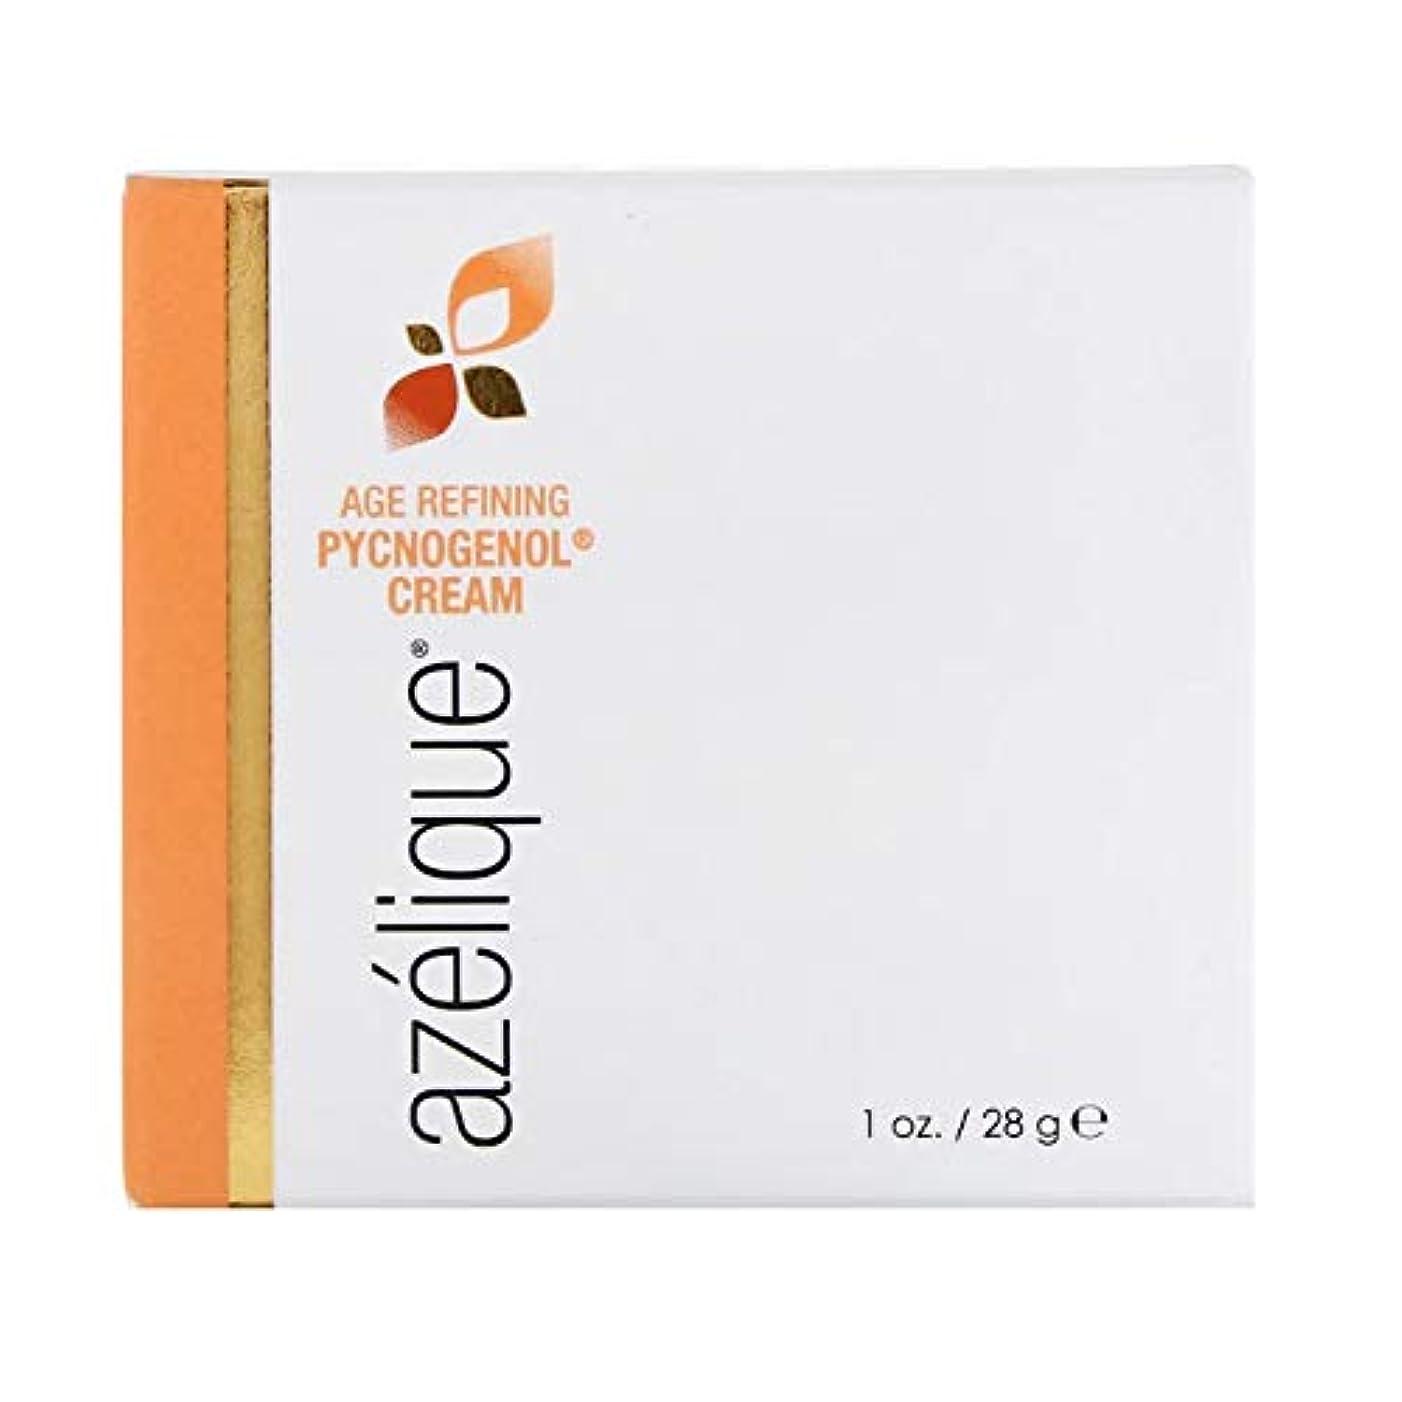 繊維等々カーテンAzelique エイジリファイニング ピクノジェノールクリーム 1 oz 28 g 【アメリカ直送】